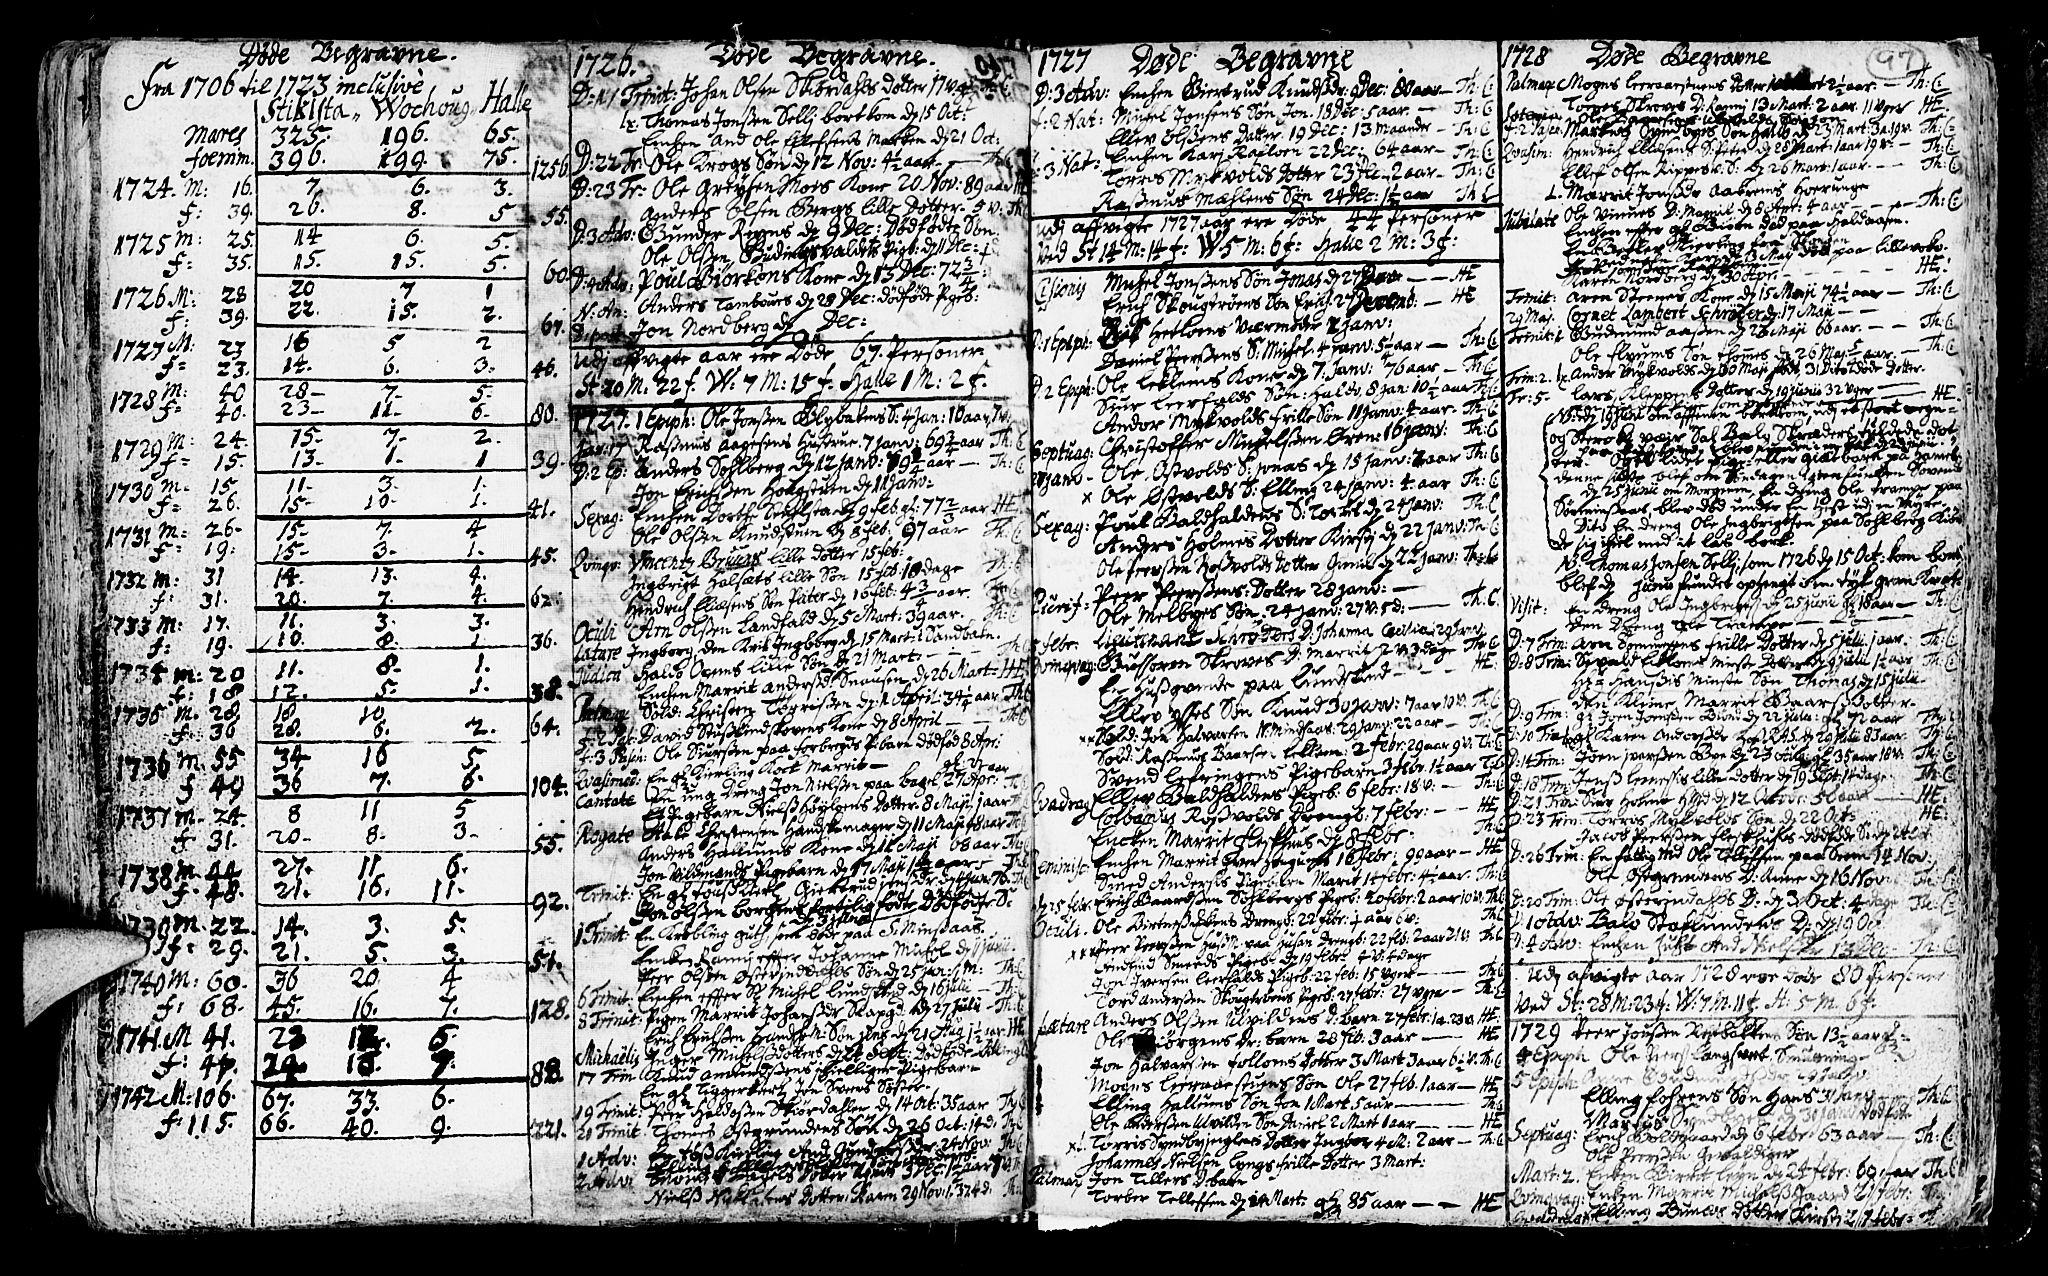 SAT, Ministerialprotokoller, klokkerbøker og fødselsregistre - Nord-Trøndelag, 723/L0230: Ministerialbok nr. 723A01, 1705-1747, s. 97